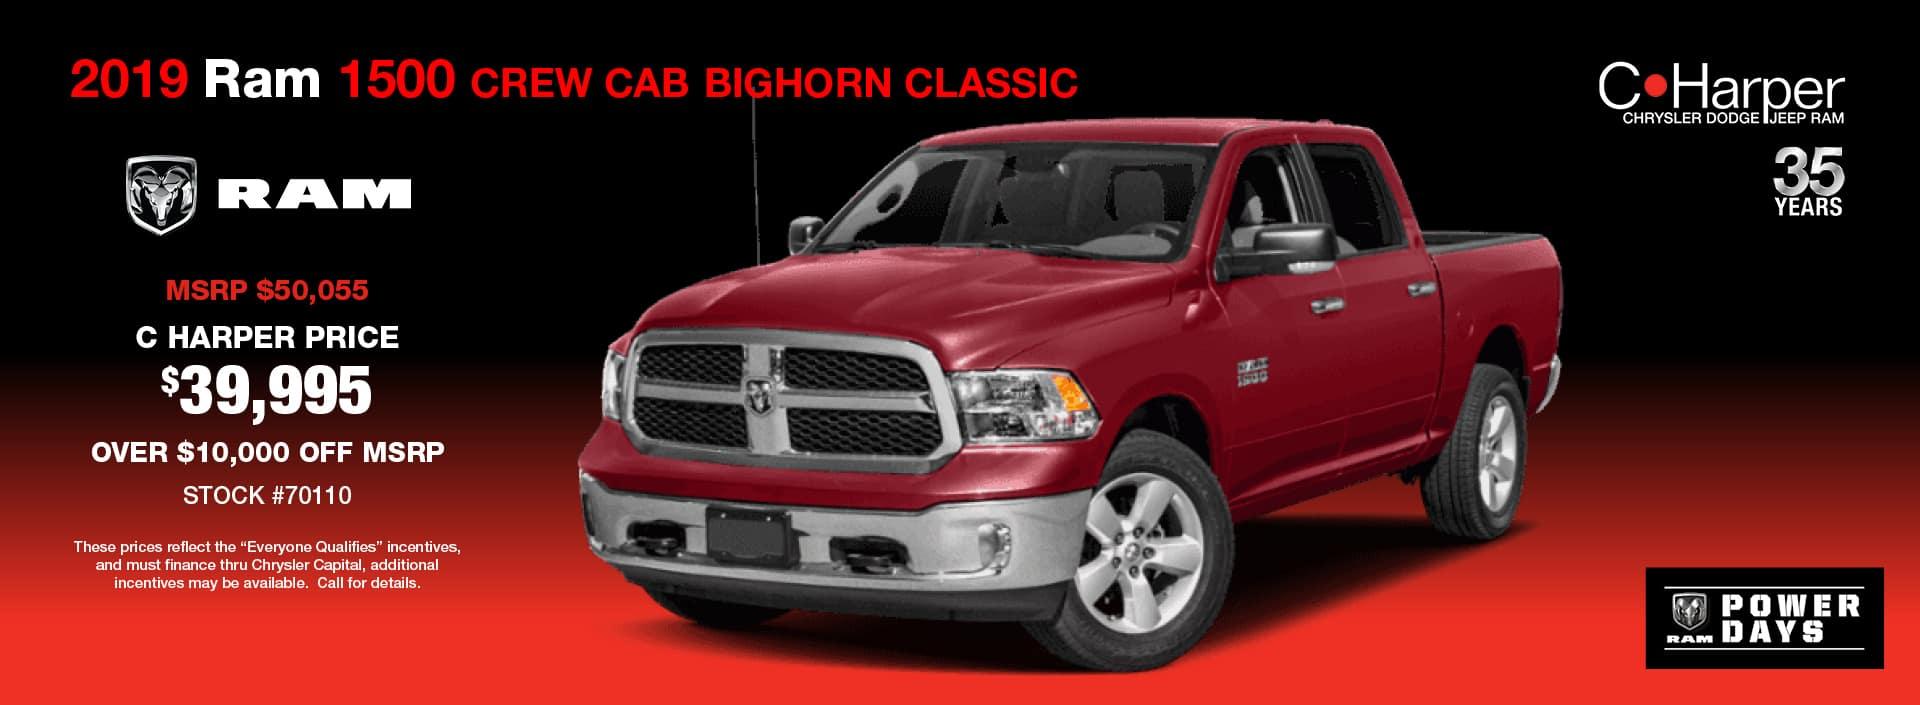 C. Harper CDJR Of Connellsville | Chrysler, Dodge, Jeep, Ram Dealer In  Connellsville, PA